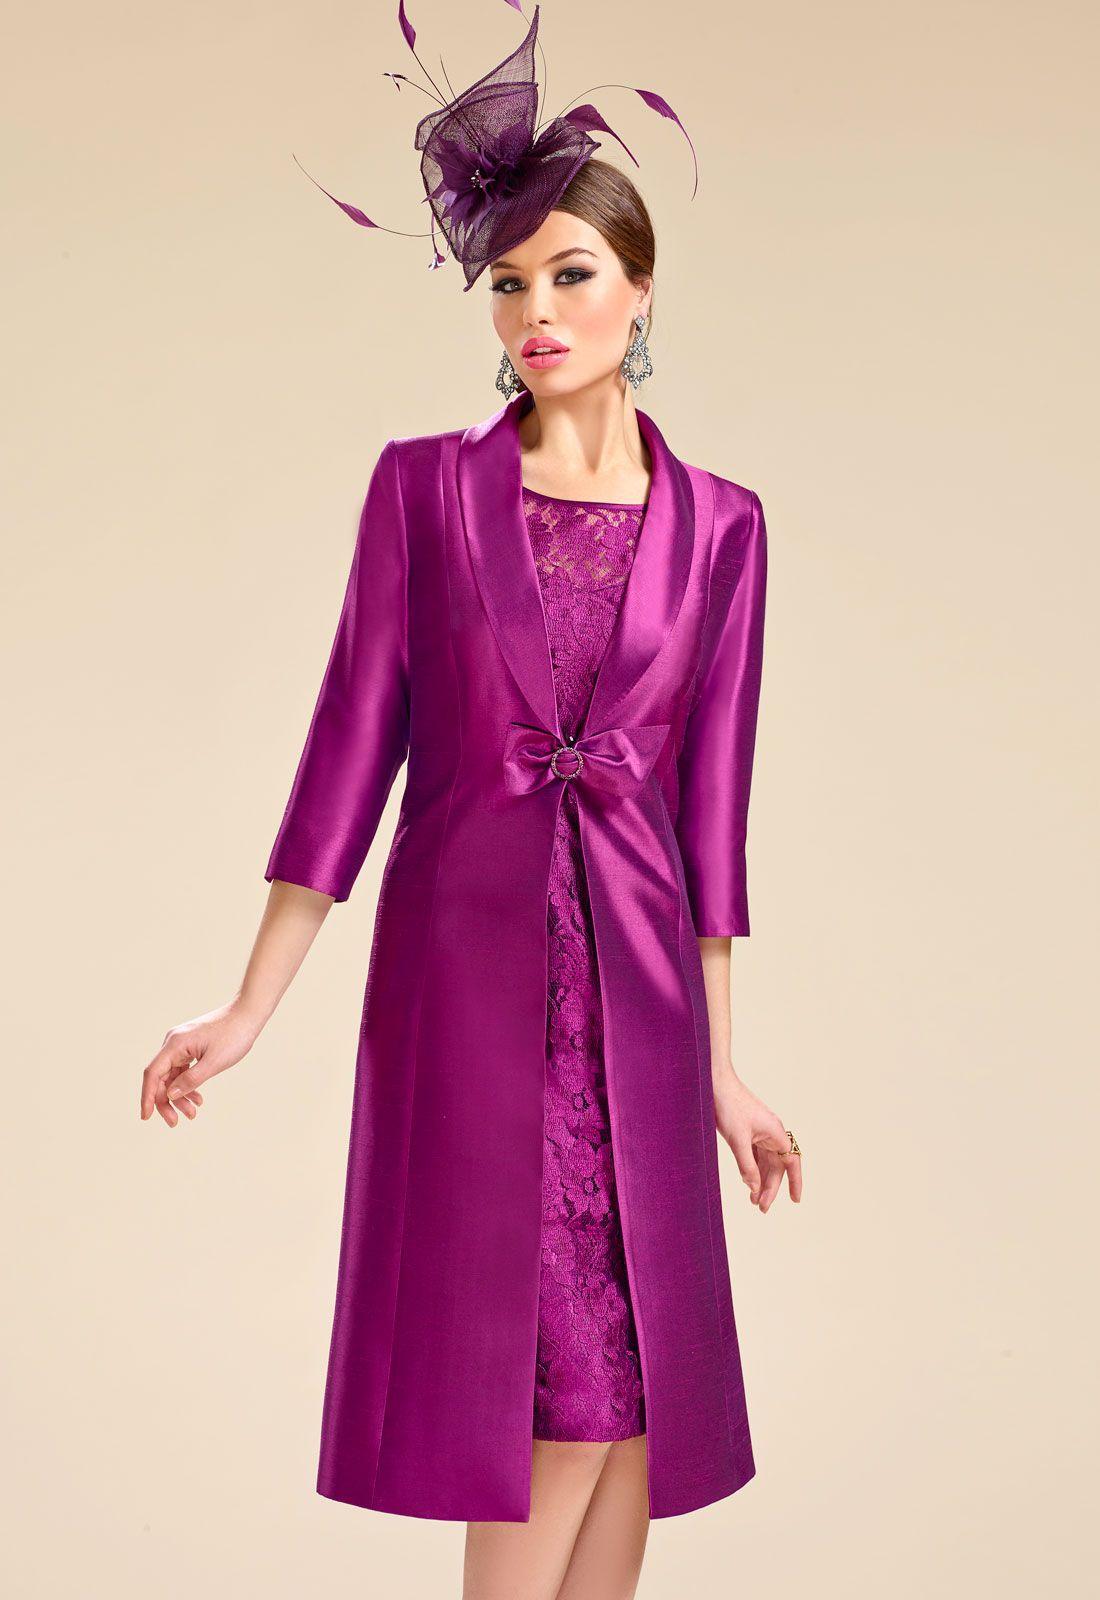 Vestido corto barato drawstring | Boda | Pinterest | Levita, Encaje ...